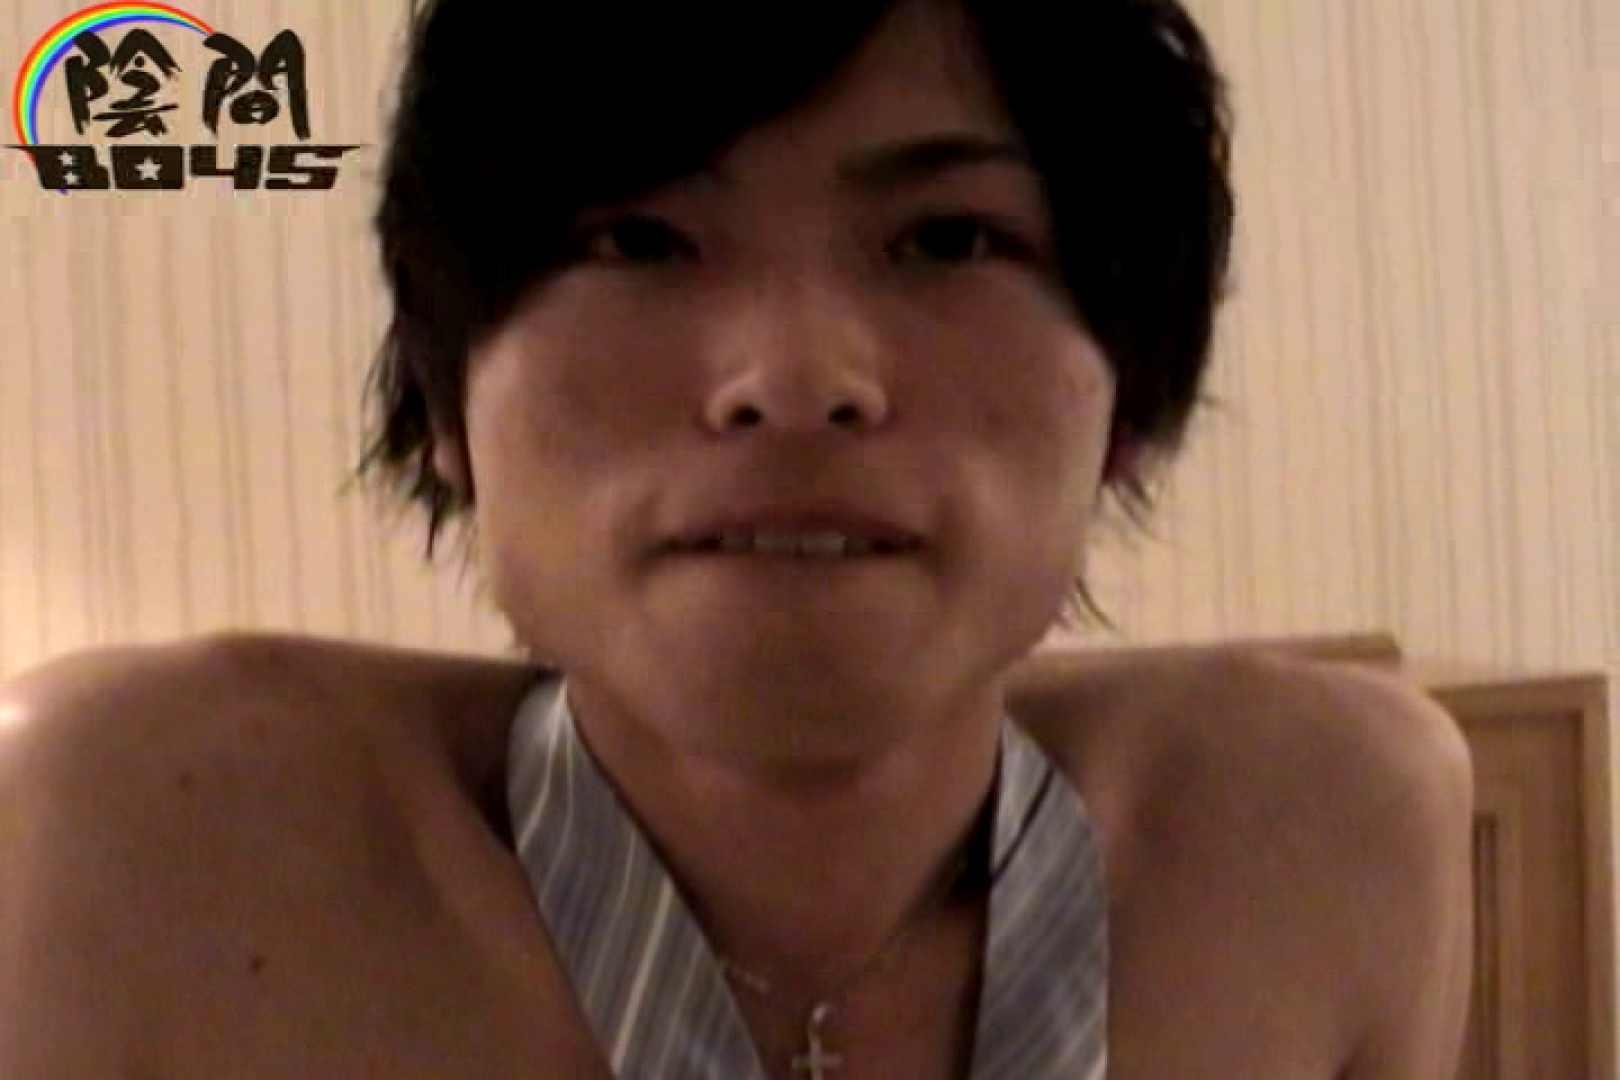 陰間BOYS~IKEMEN Interview~02 アナル ゲイザーメン画像 115枚 71